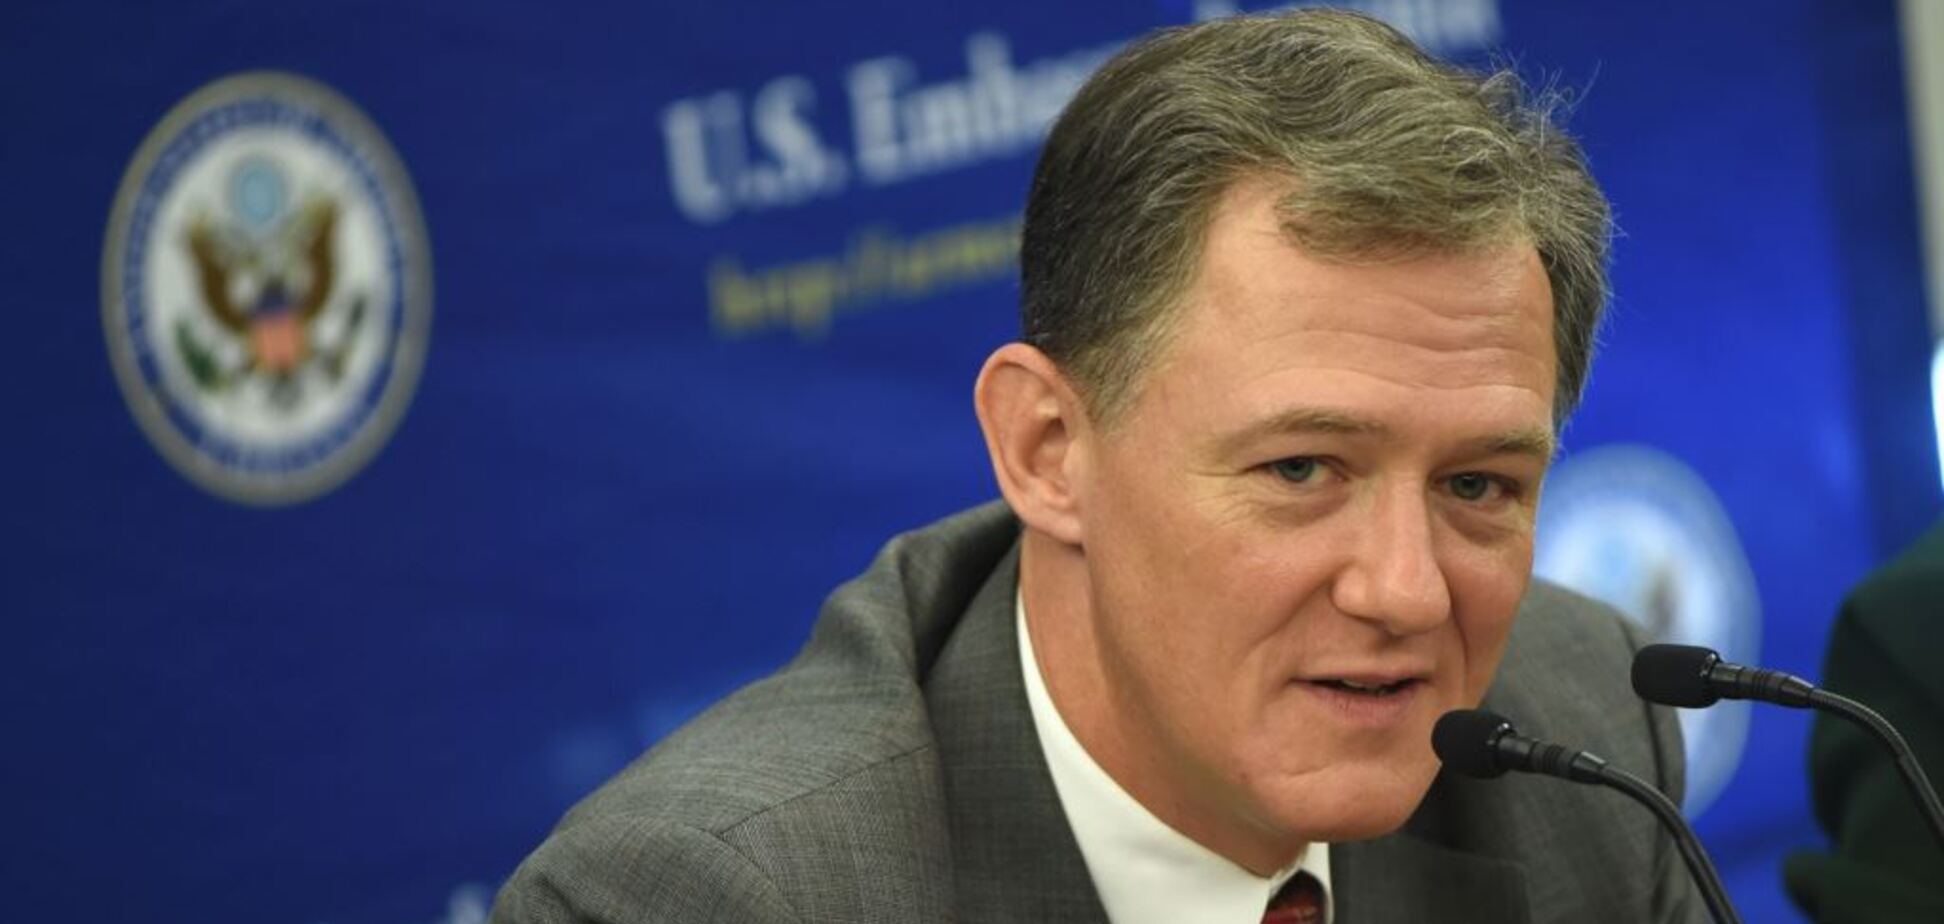 Представник Держдепу в Україні займався розкраданням матеріальної допомоги США — нардеп